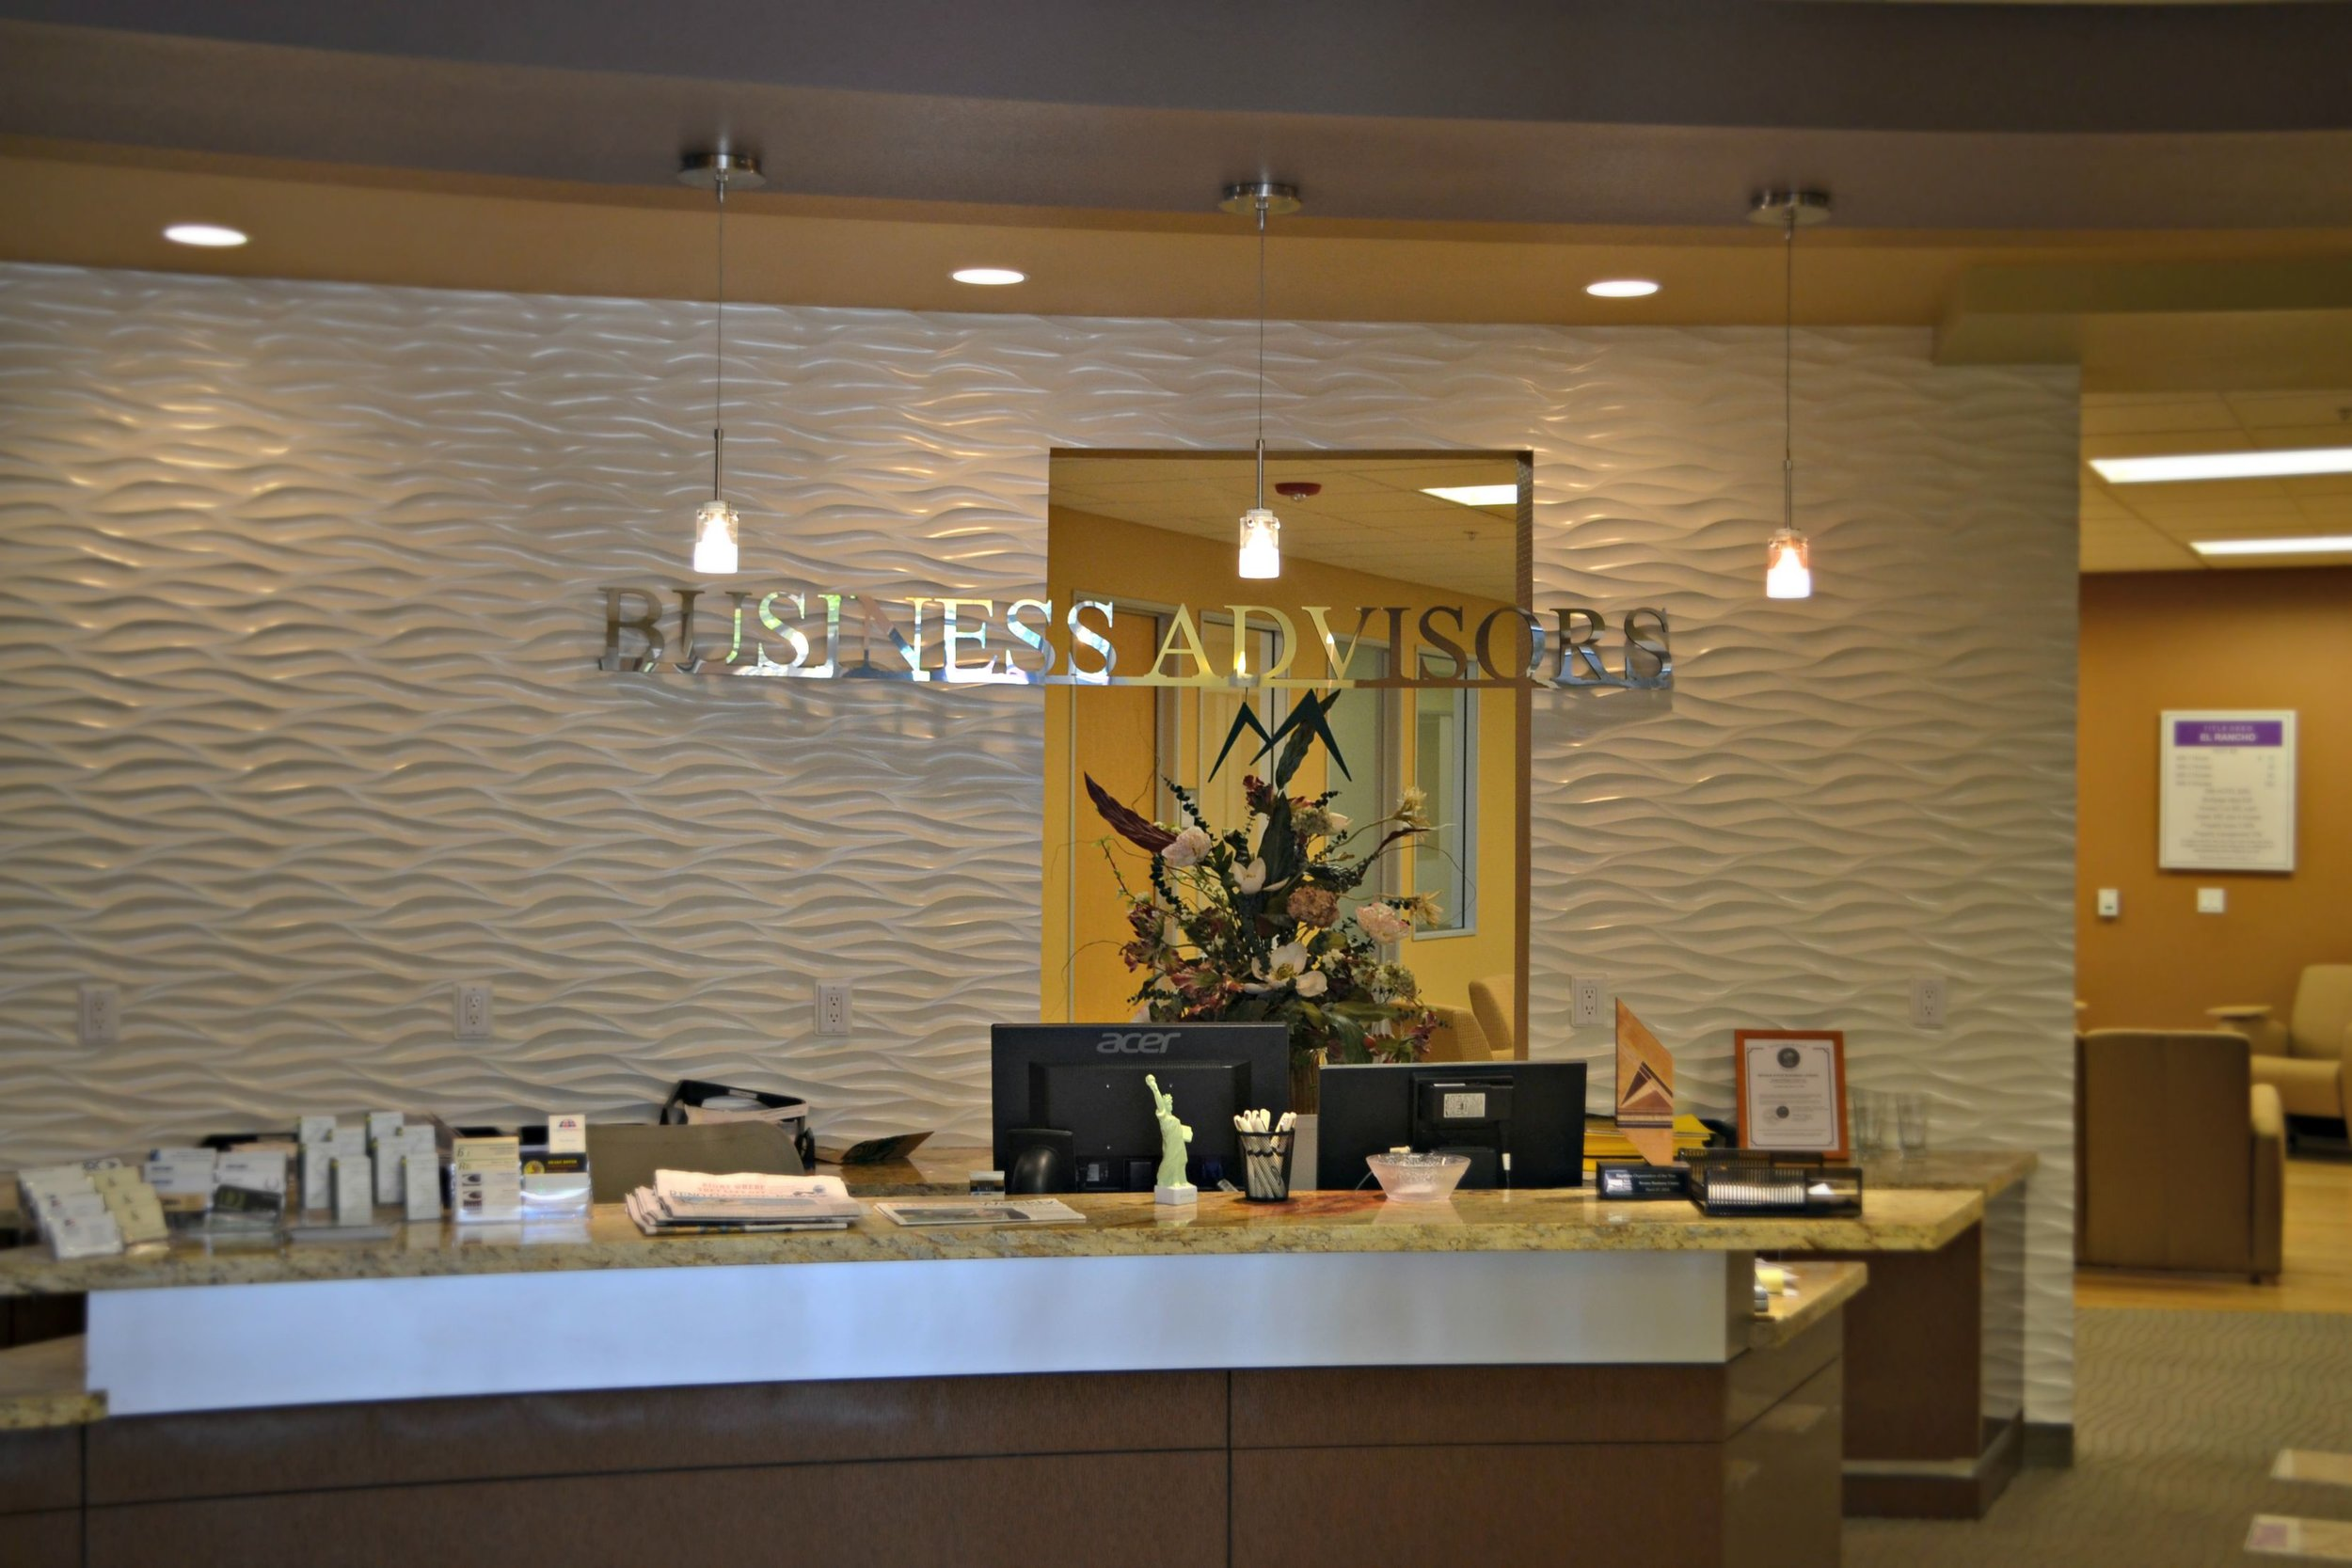 Business Advisors front sign .jpg